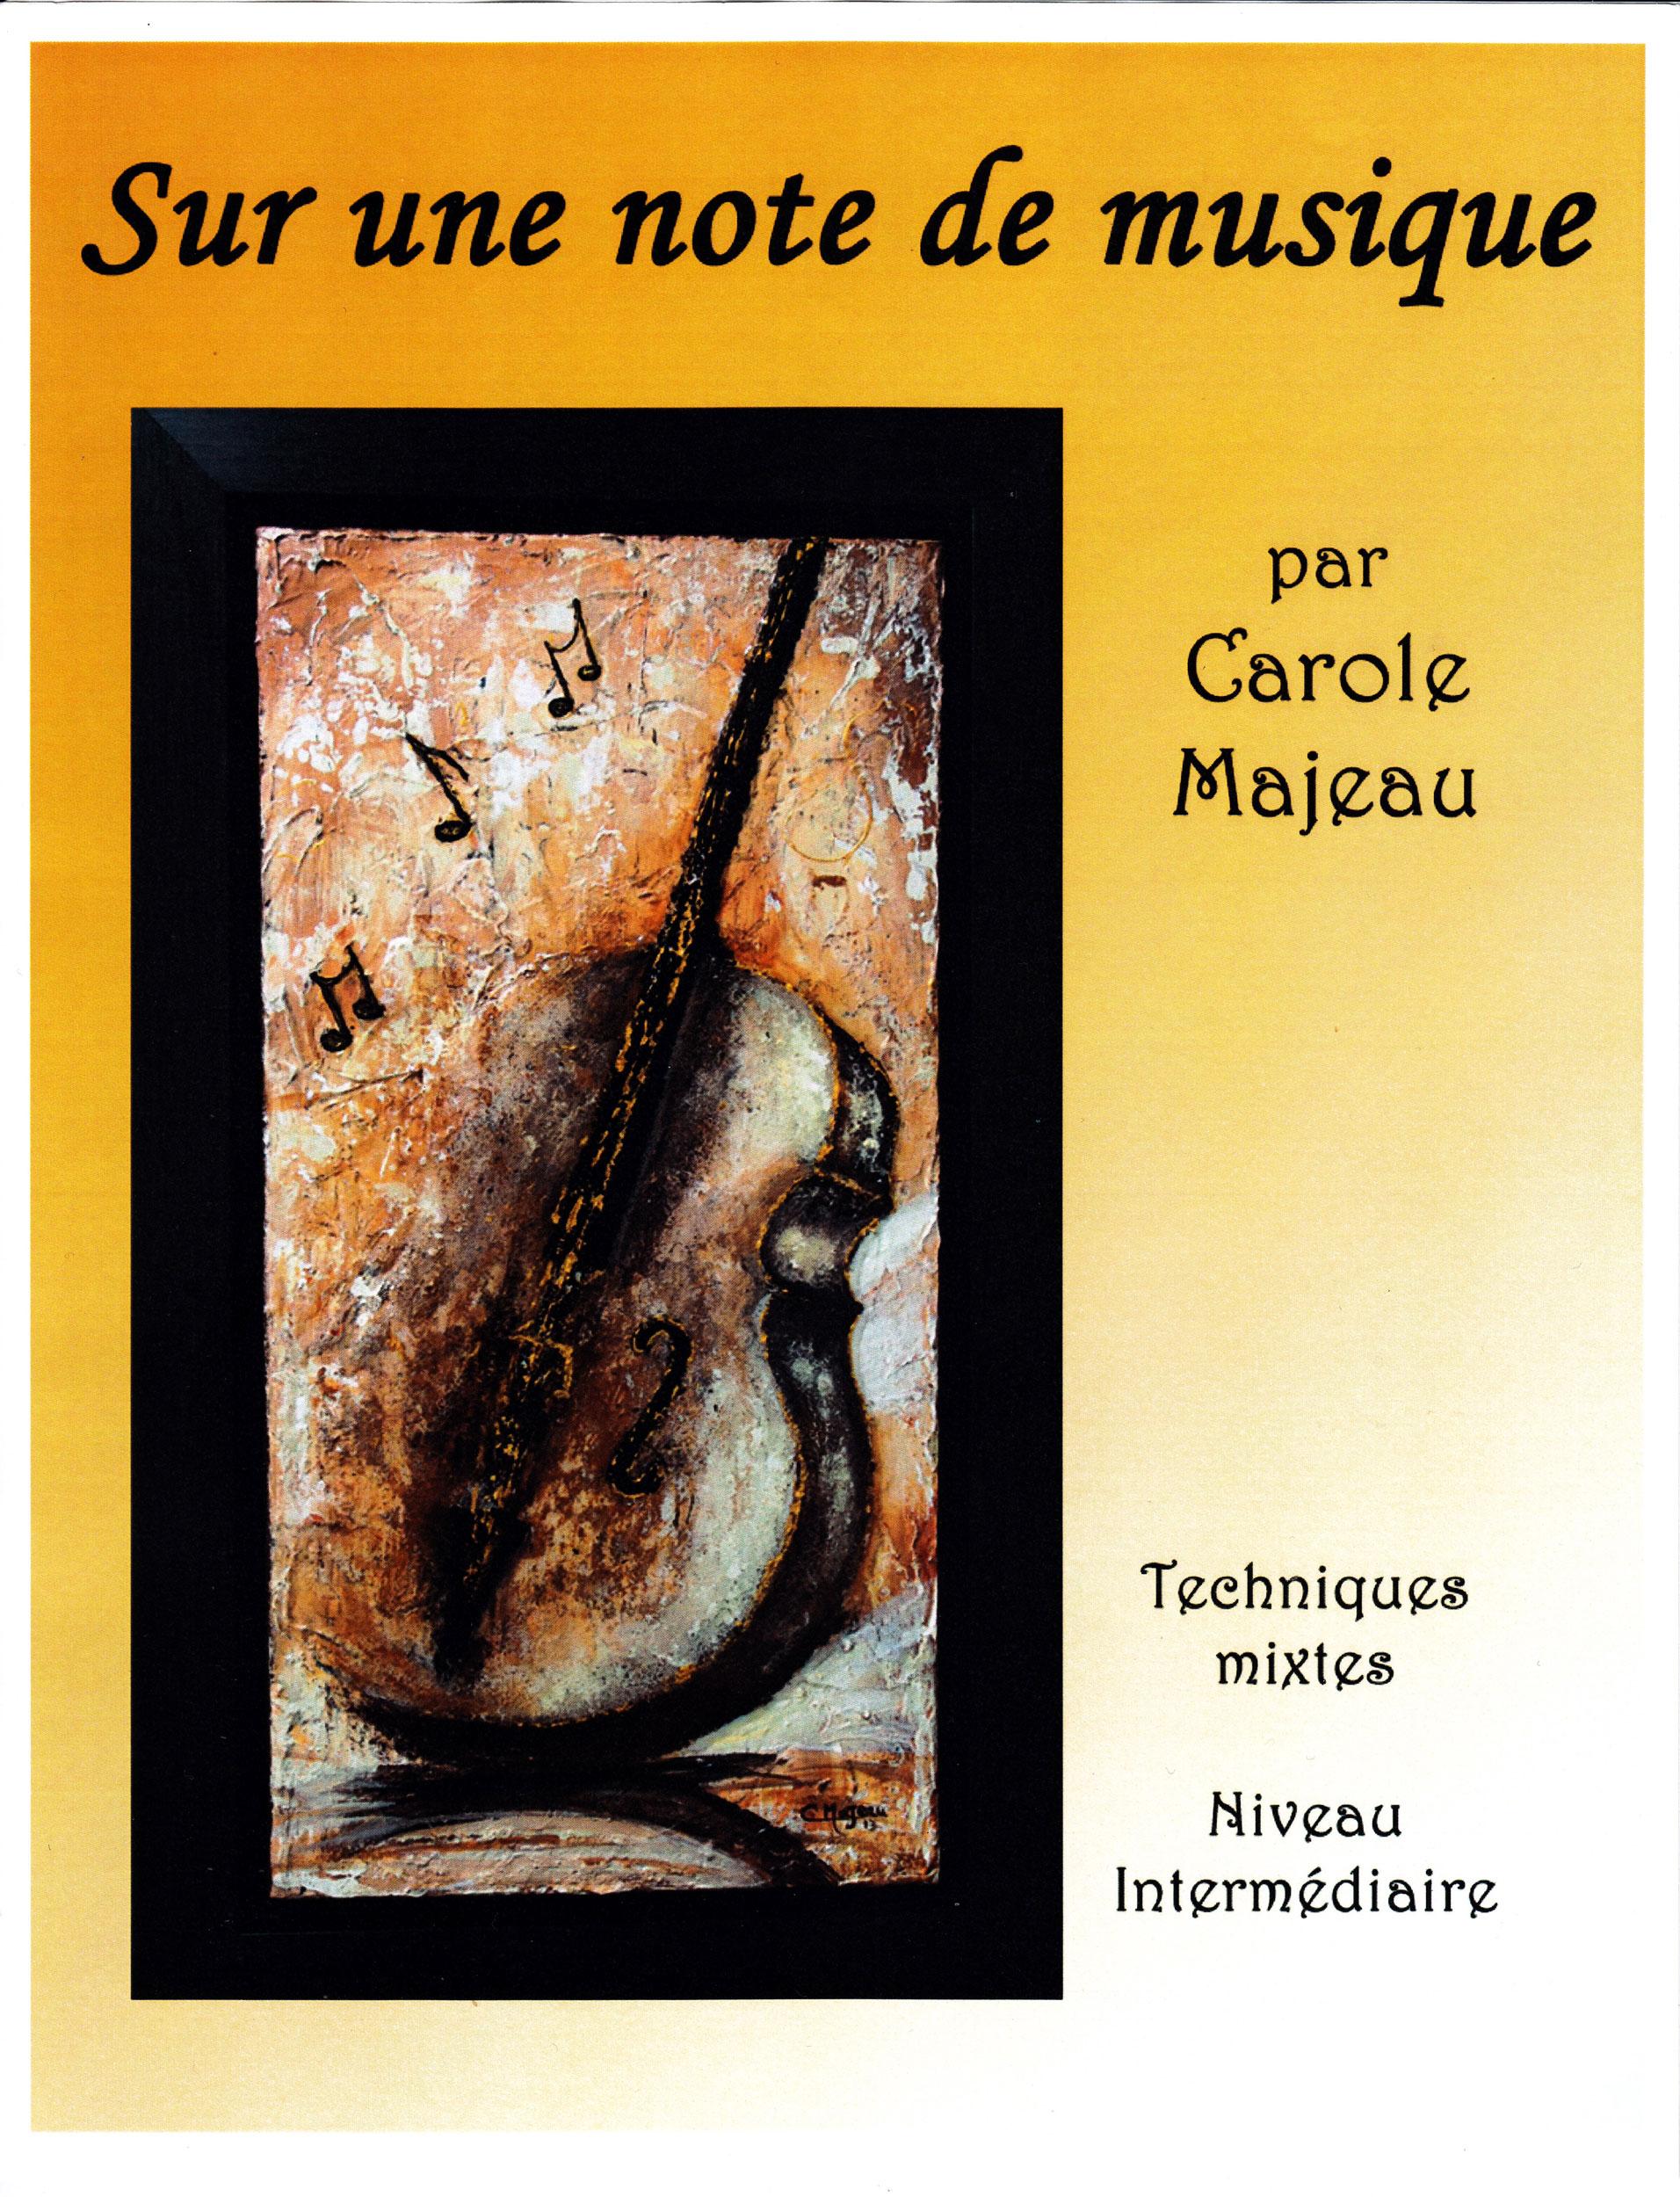 Sur une note de musique - Carole Majeau